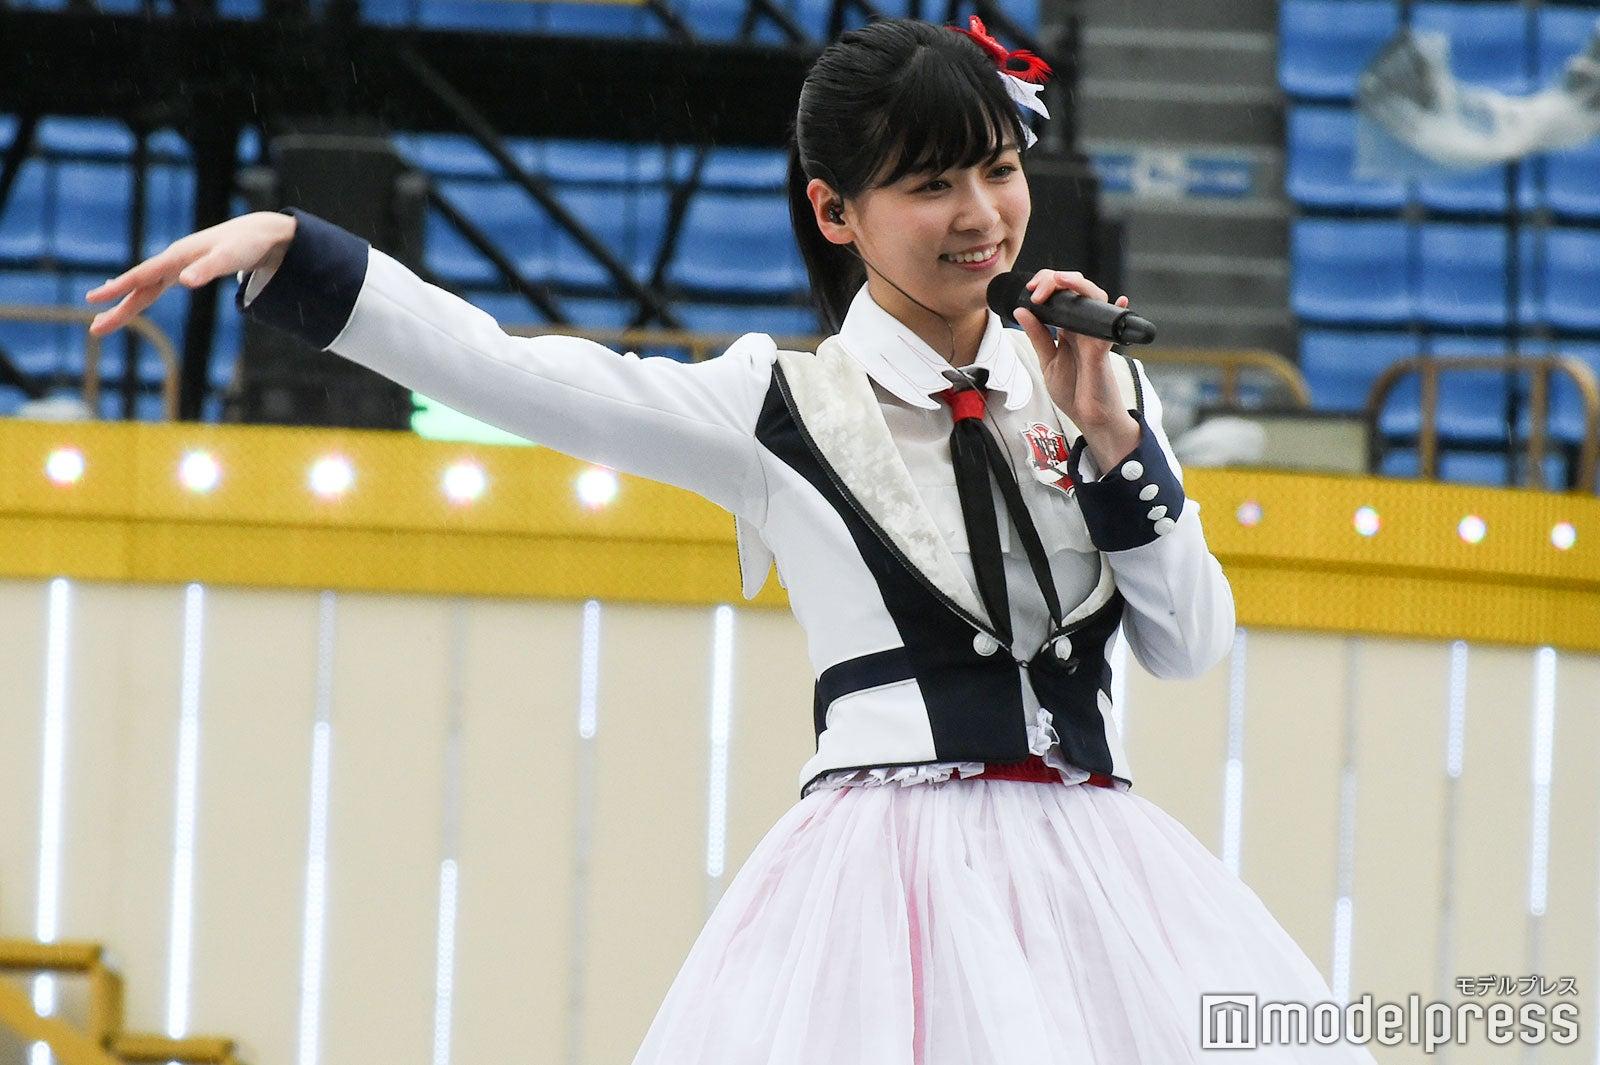 【芸能】NGT48村雲颯香が卒業公演 山口真帆に寄り添いながら「グループ立て直し」に奔走